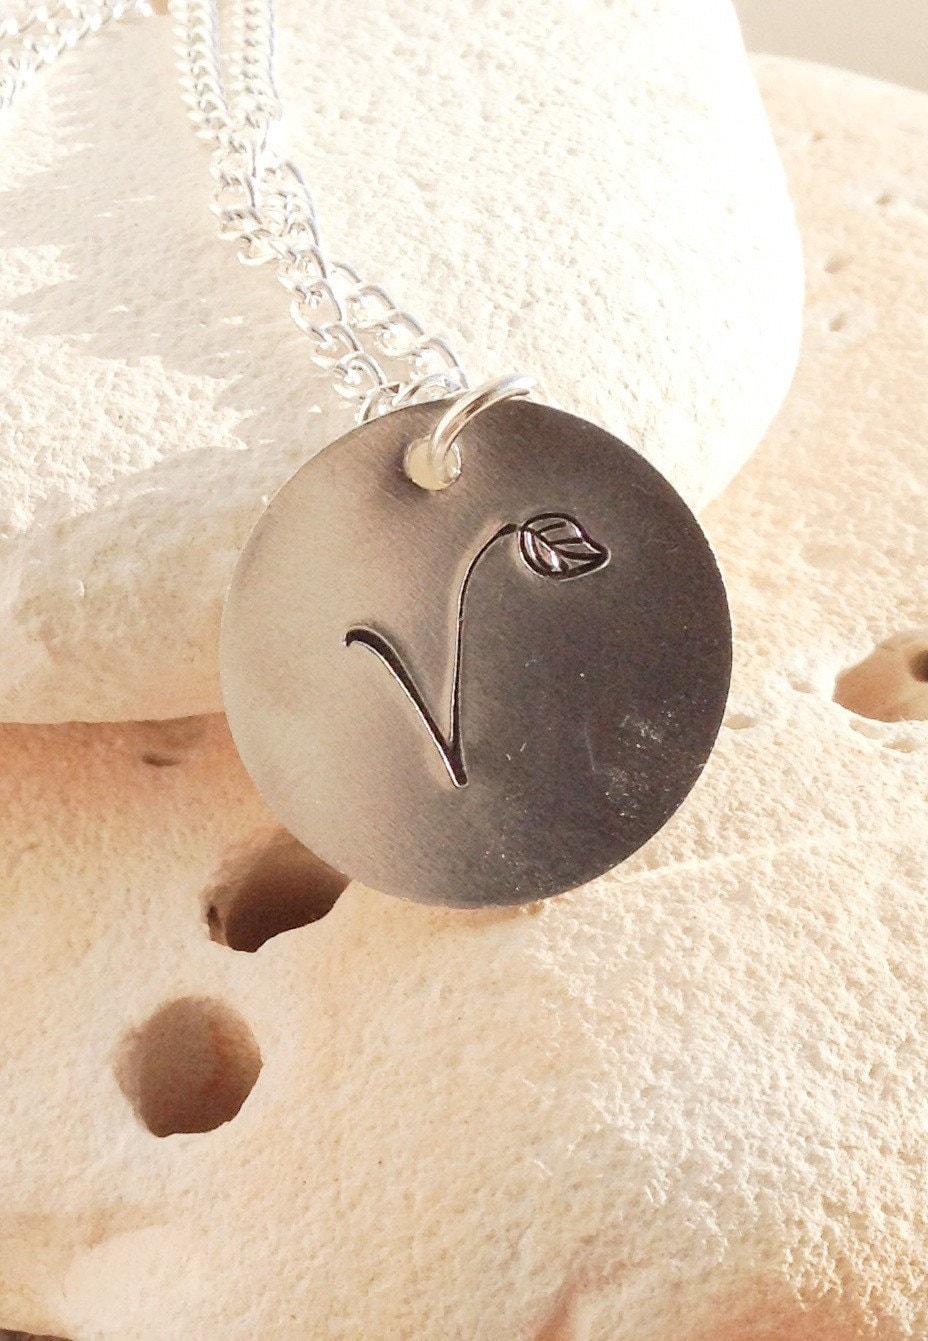 V for vegan necklace - vegan jewellery - subtle vegan message - uk vegan -  with leaf detail on 16